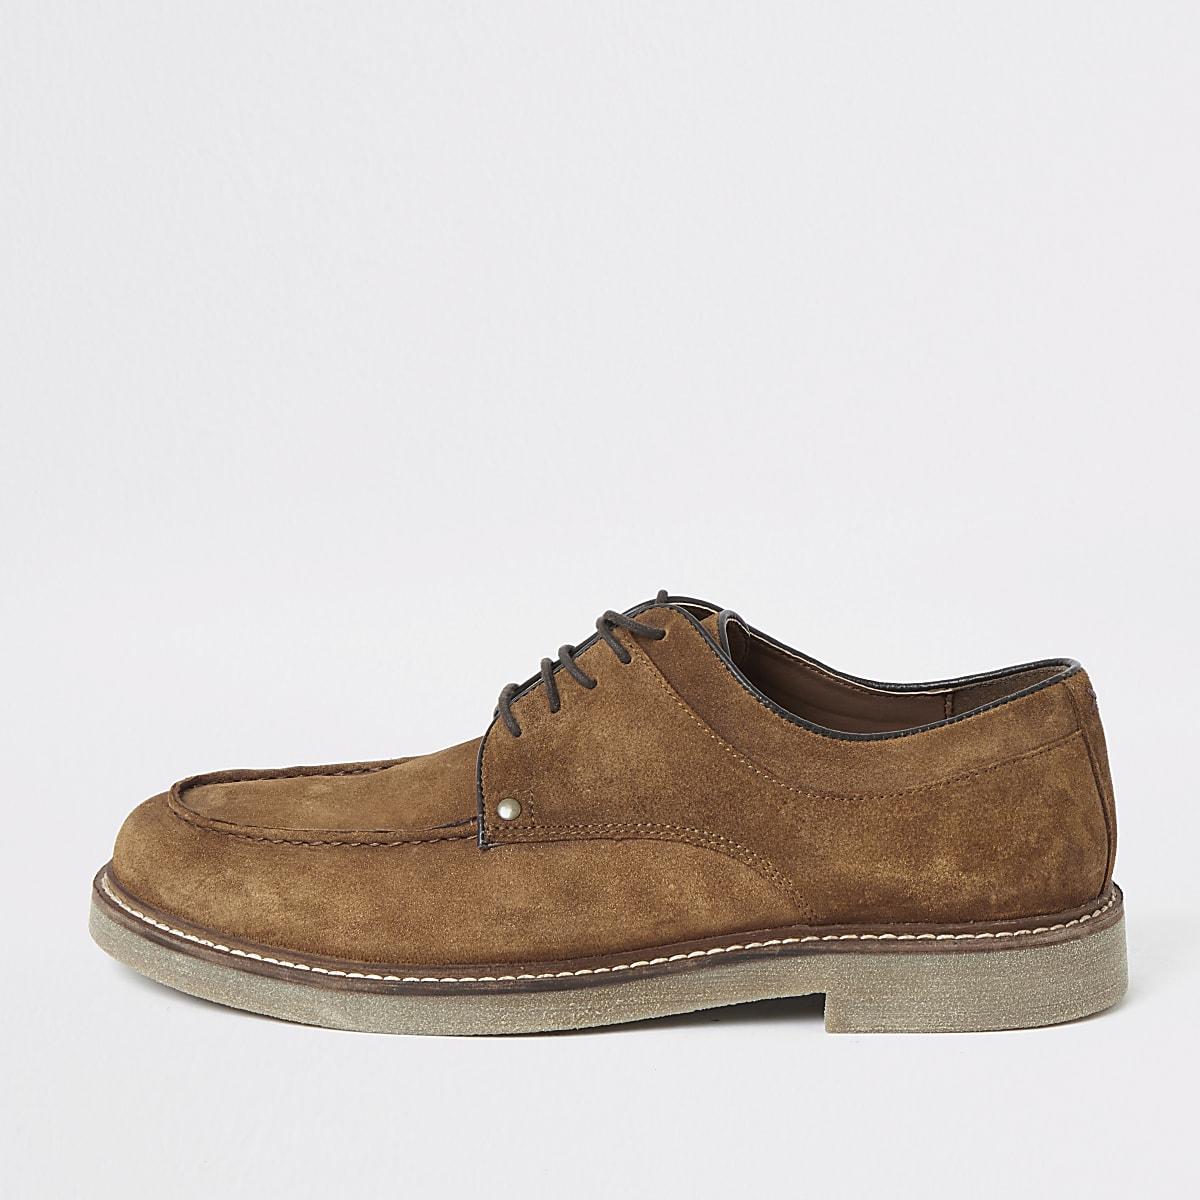 Chaussures en daim marron à lacets